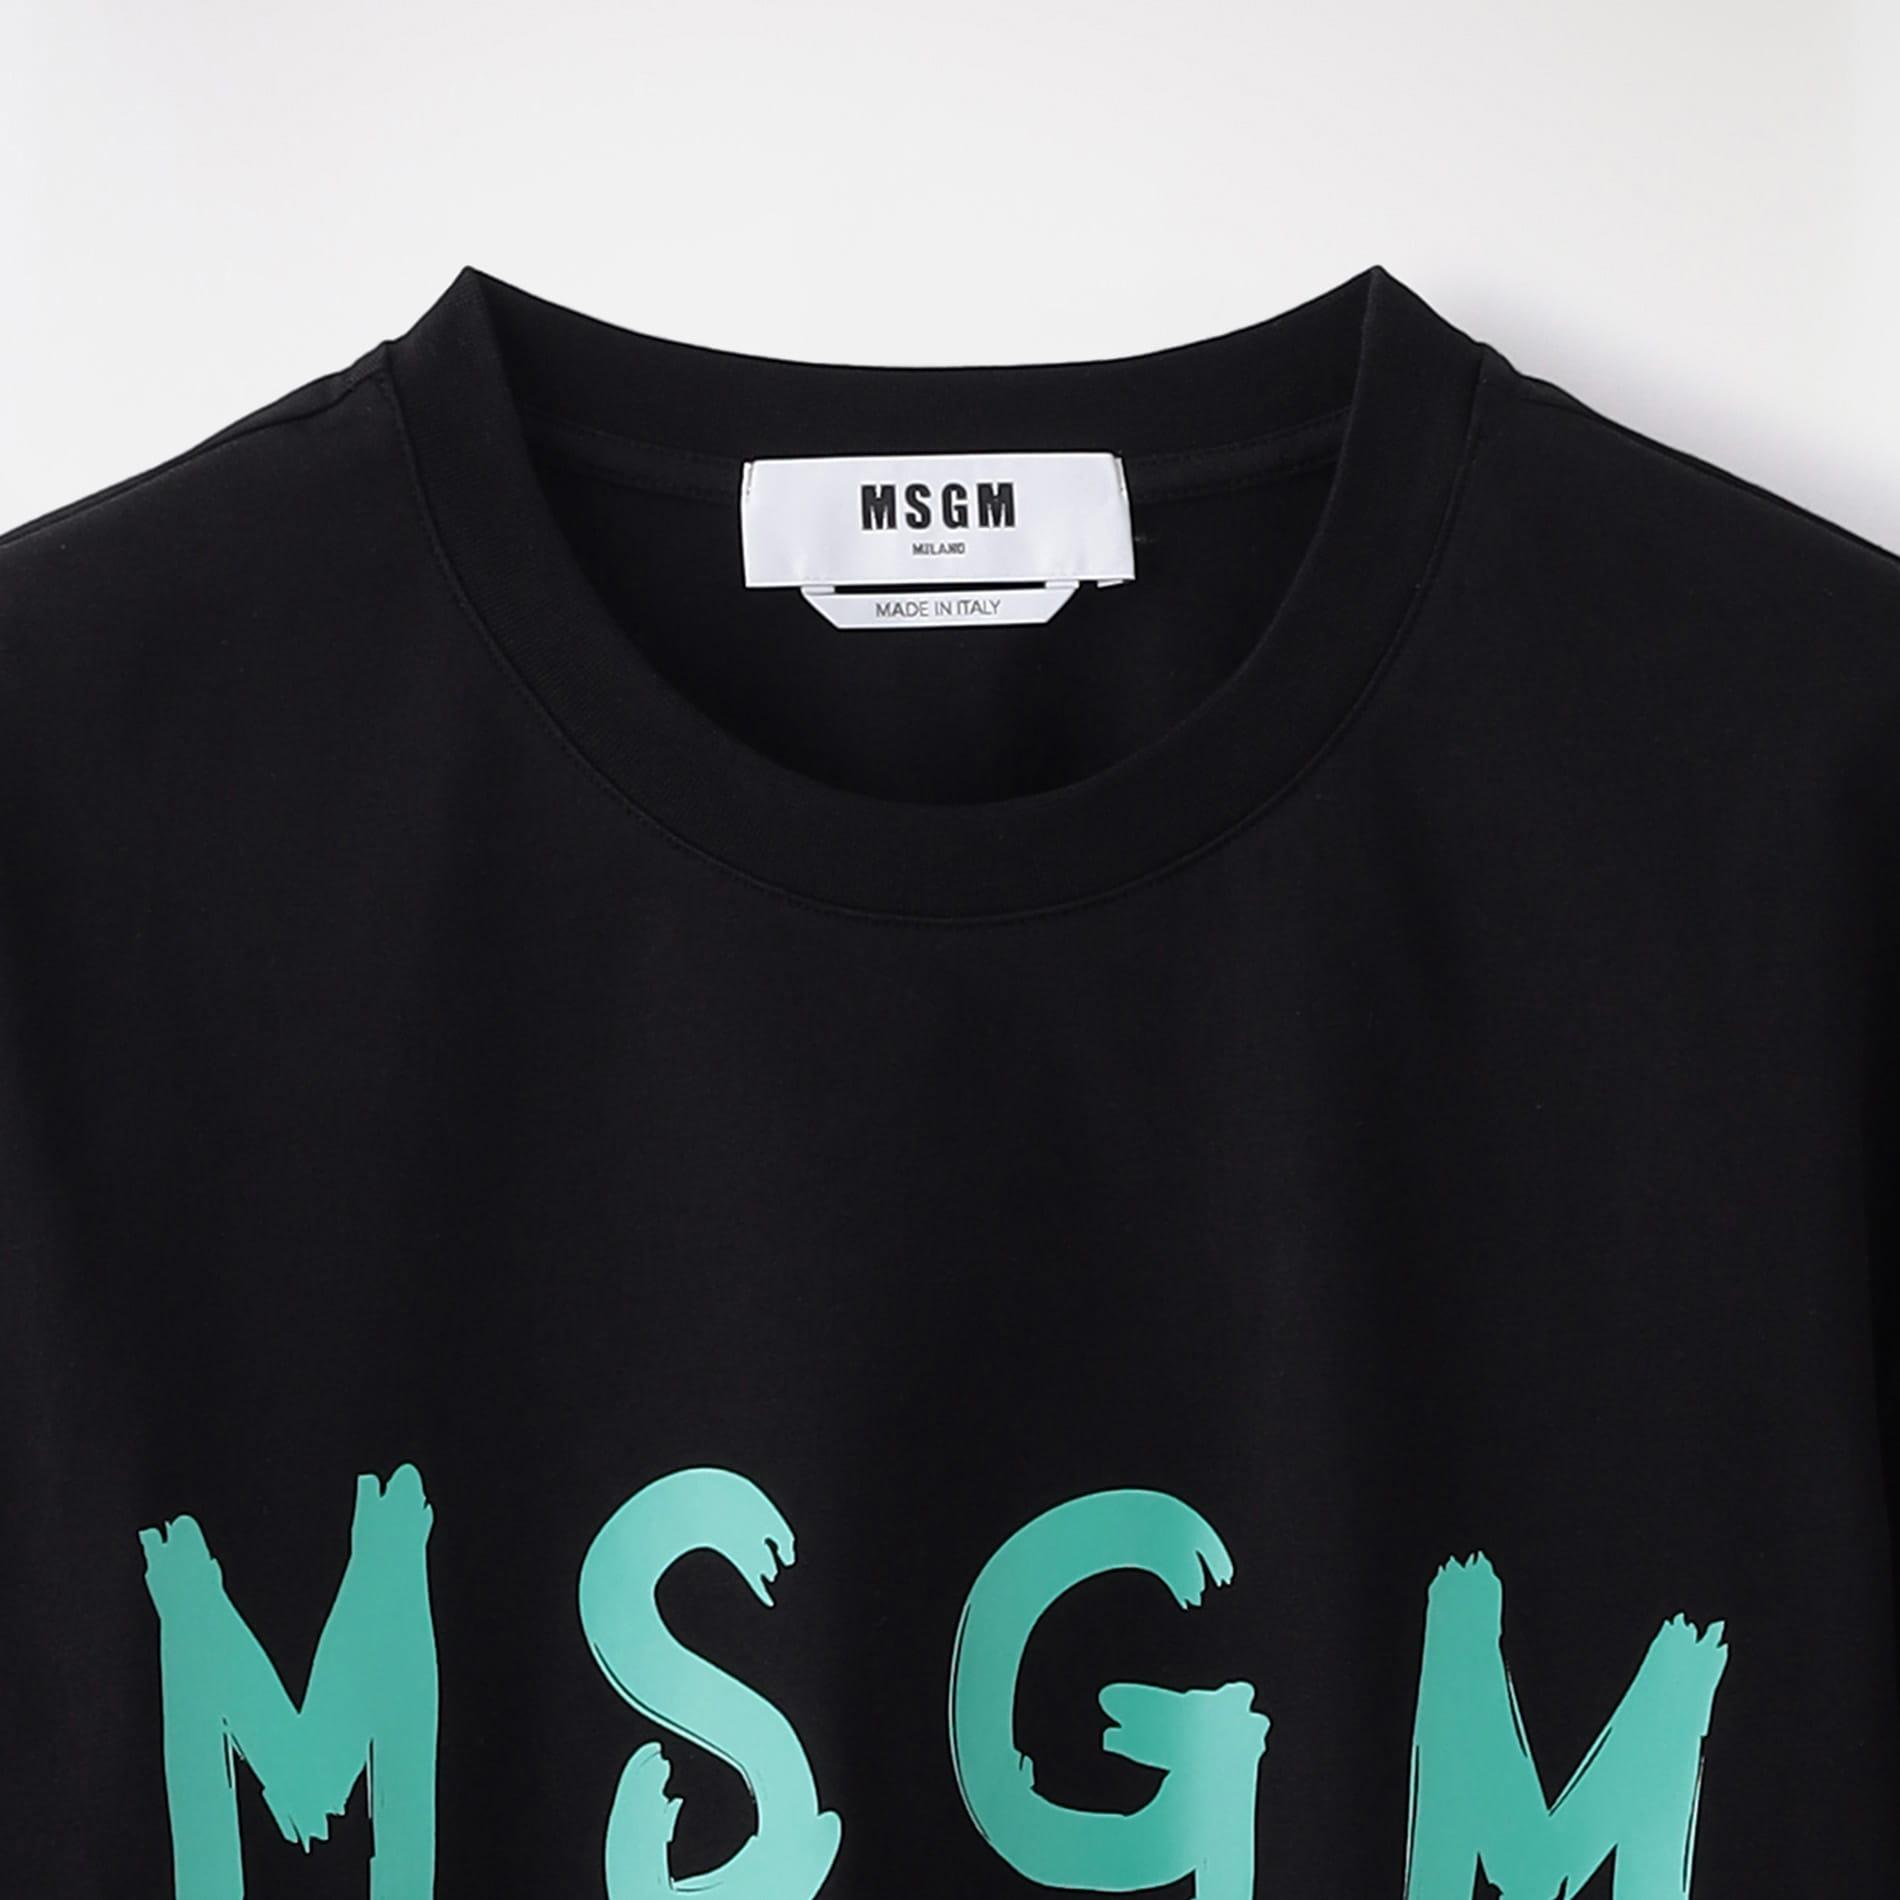 【MSGM】MEN T-SHIRT 3040MM97 217098-22